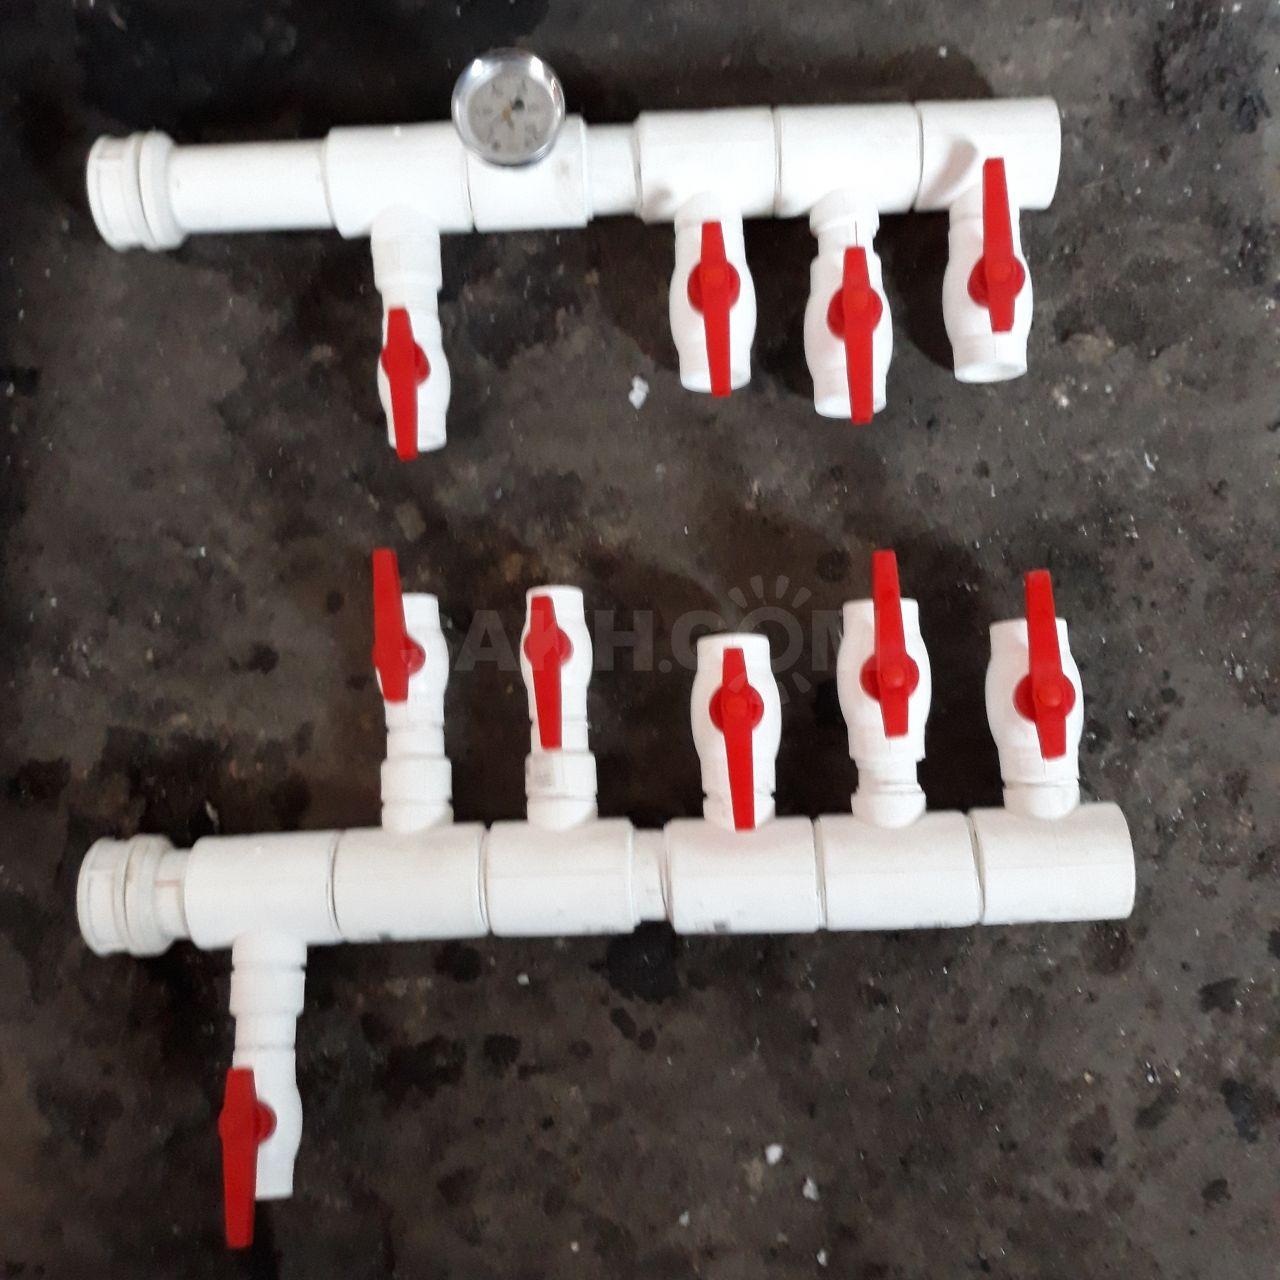 Коллектор из полипропилена своими руками: распределительный коллектор отопления, гребенка, сварной коллектор, как правильно собрать, производство самодельного полипропиленового коллектора